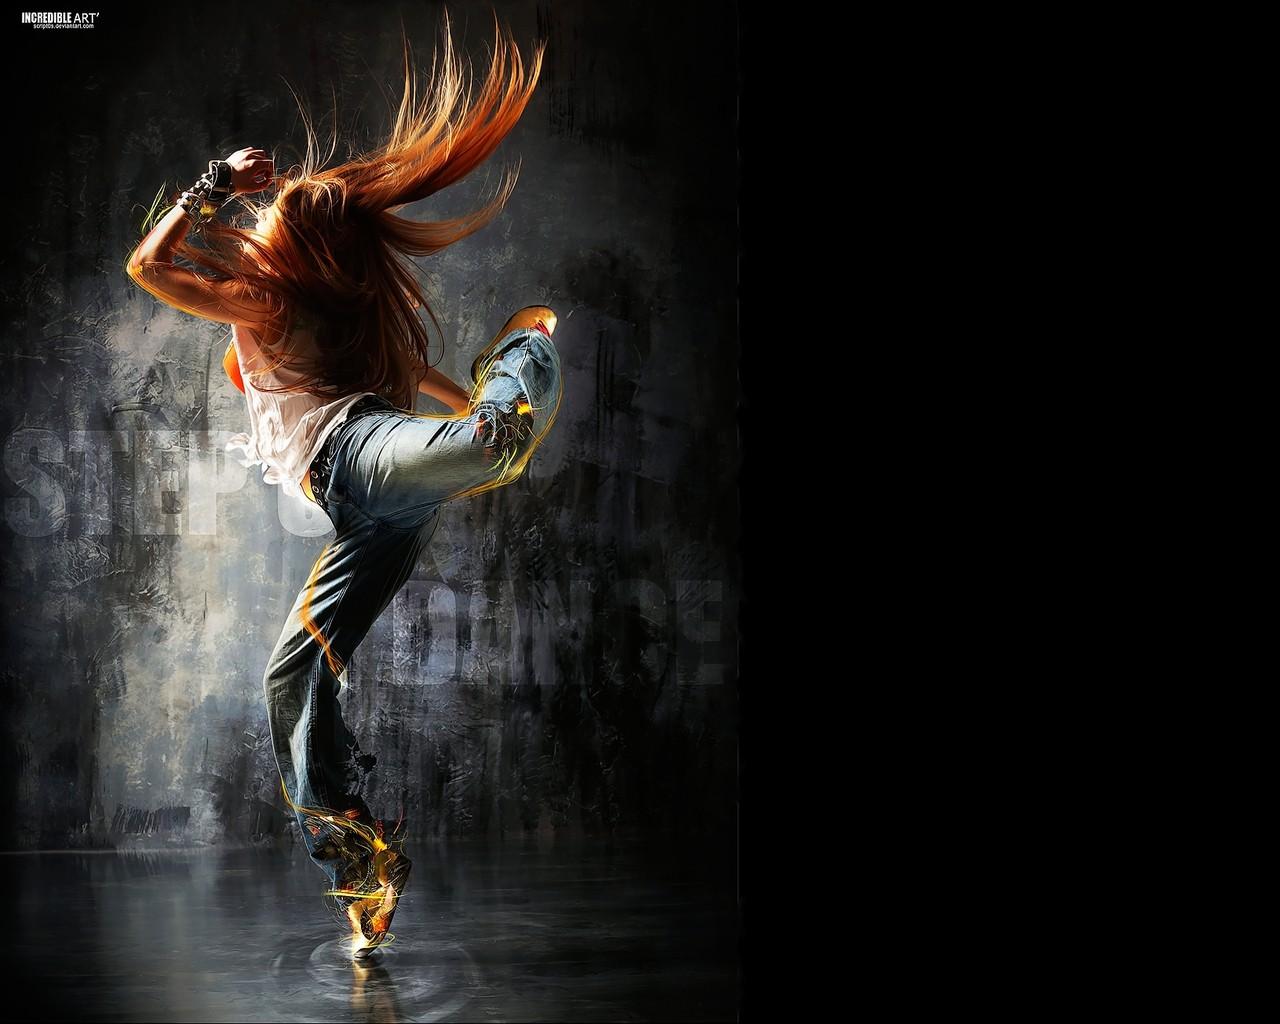 Dance Wallpapers For Desktop